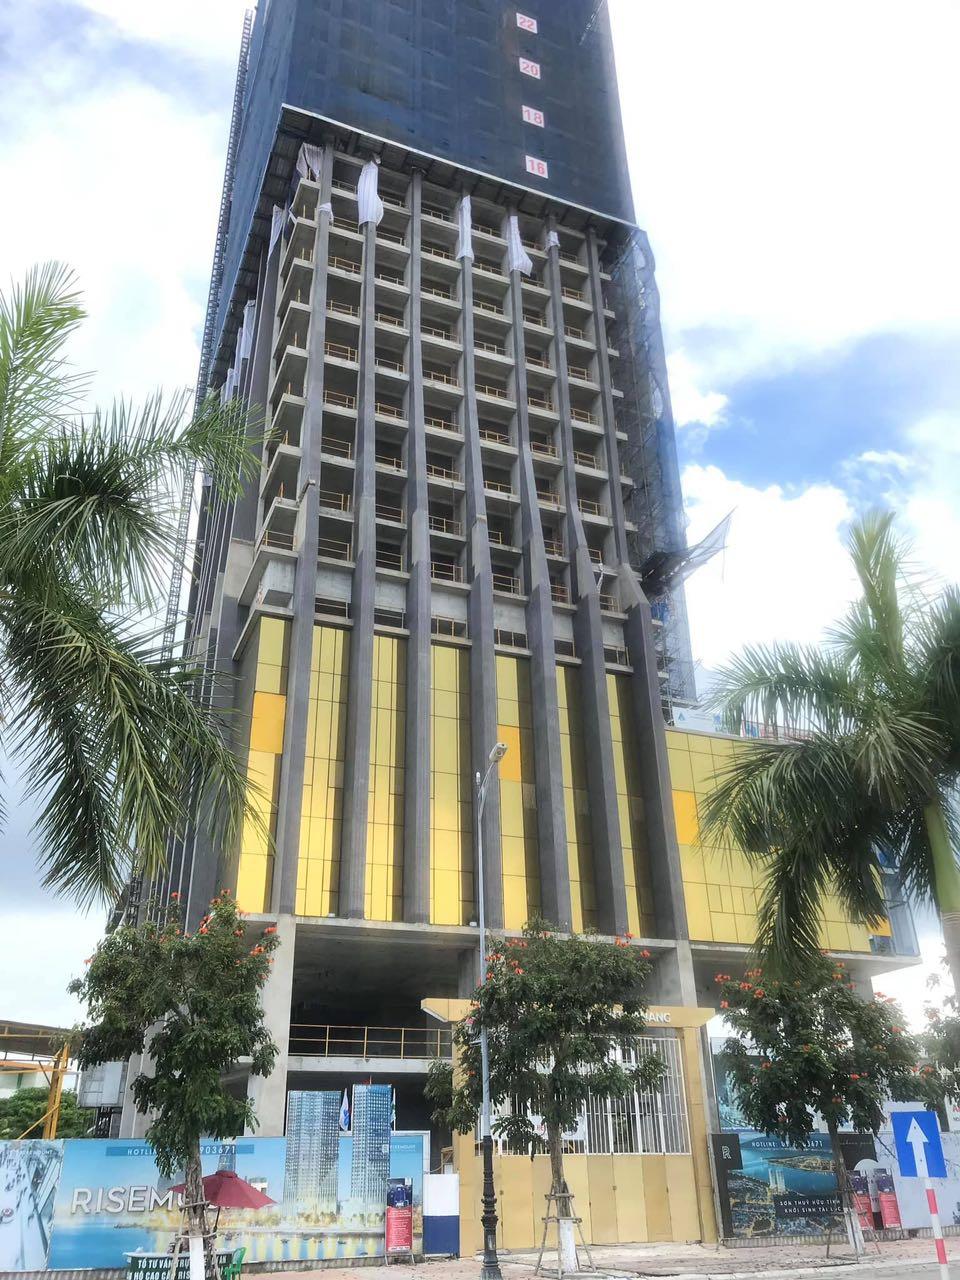 Lắp Kính mặt ngoài 24k Căn hộ Risemount Apartment Đà nẵng